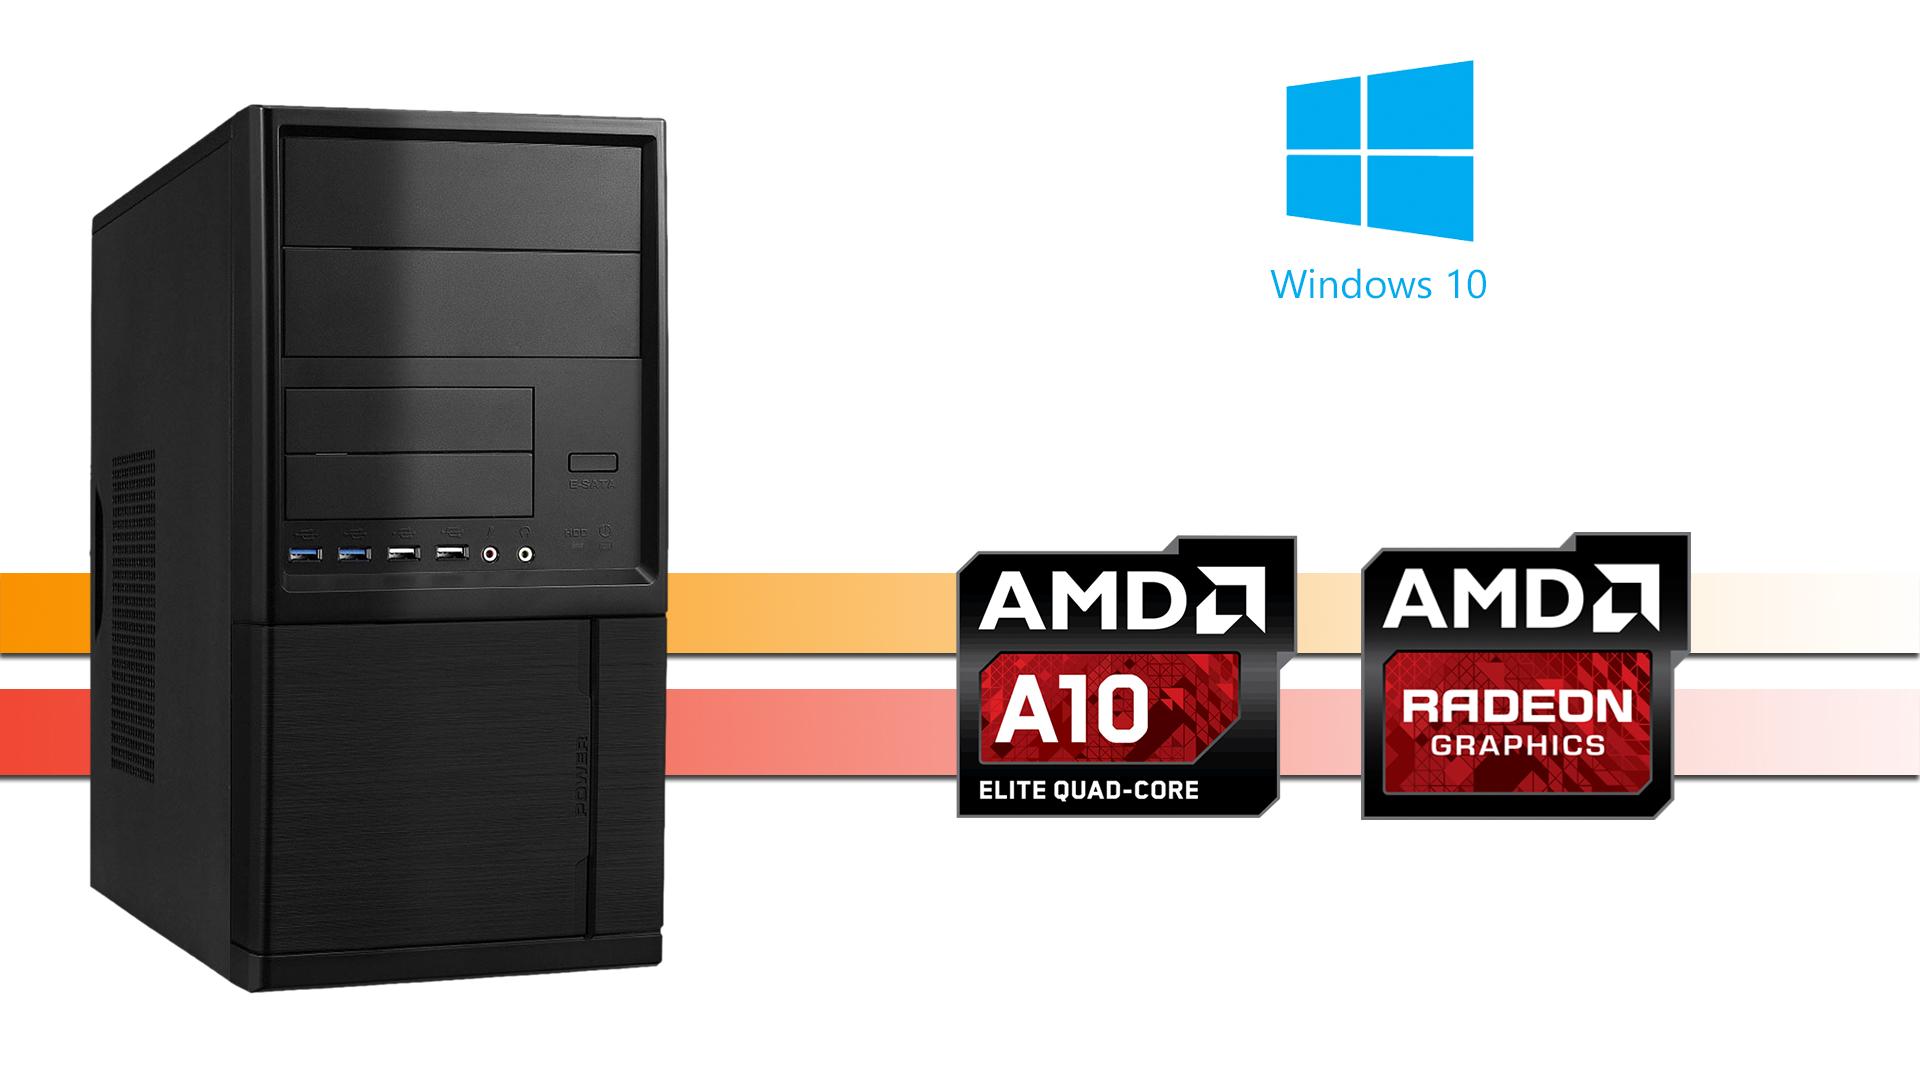 X-Working 9700: 8GB, 256GB SSD, W10PRO